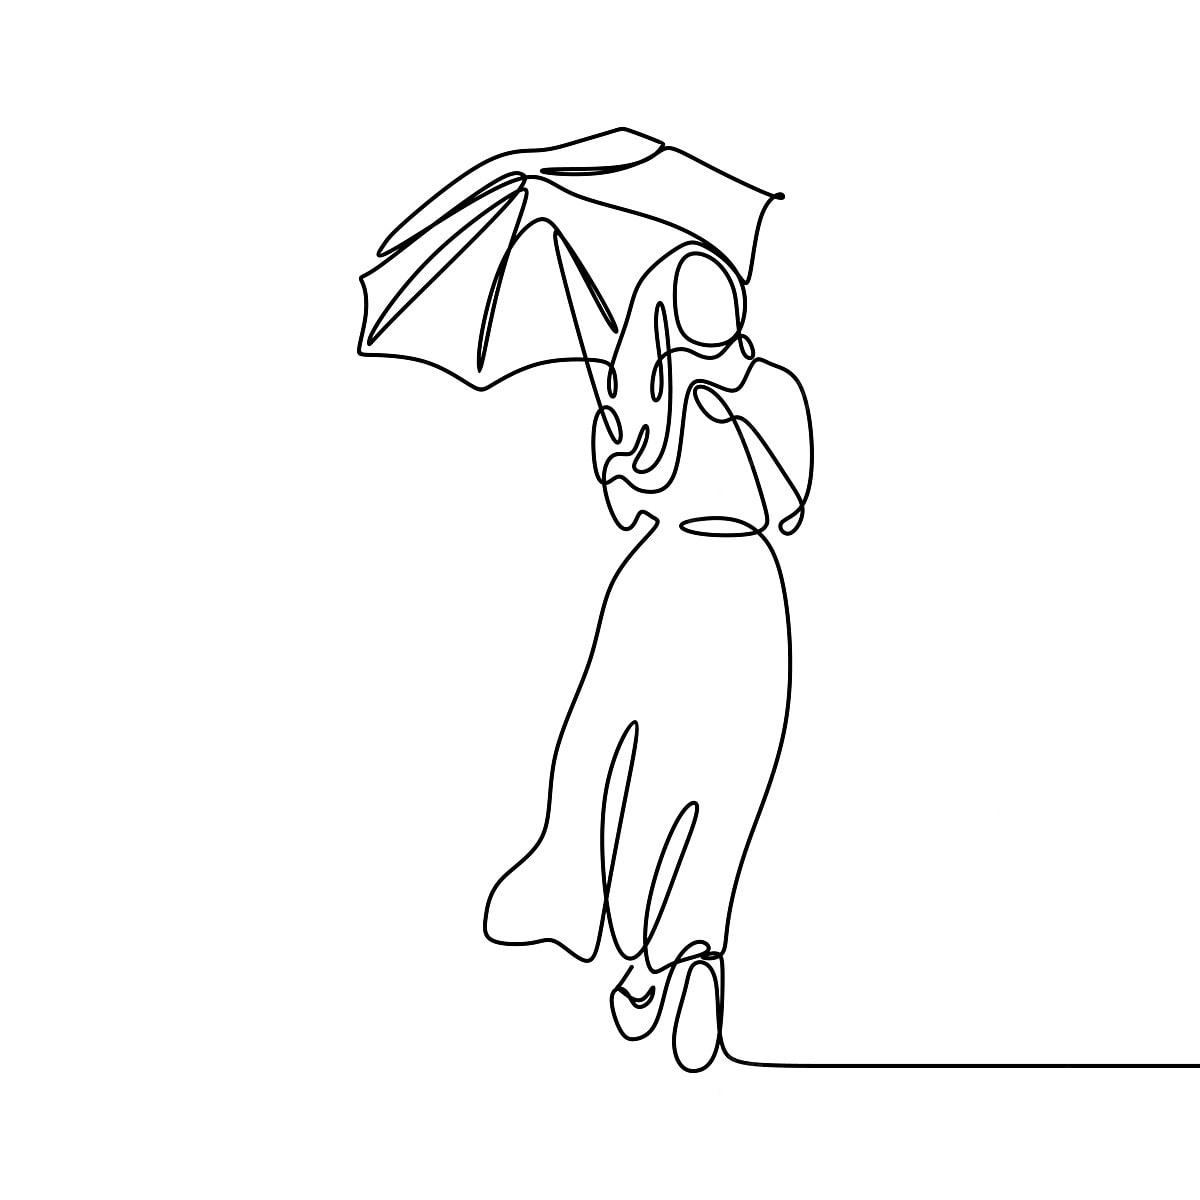 Gambar Gadis Dengan Payung Hebat Dan Cantik Berterusan Garis Lukisan Design Minimalis Tudung Wanita Elegan Bentuk Gadis Model Cantik Png Dan Vektor Untuk Muat Turun Percuma